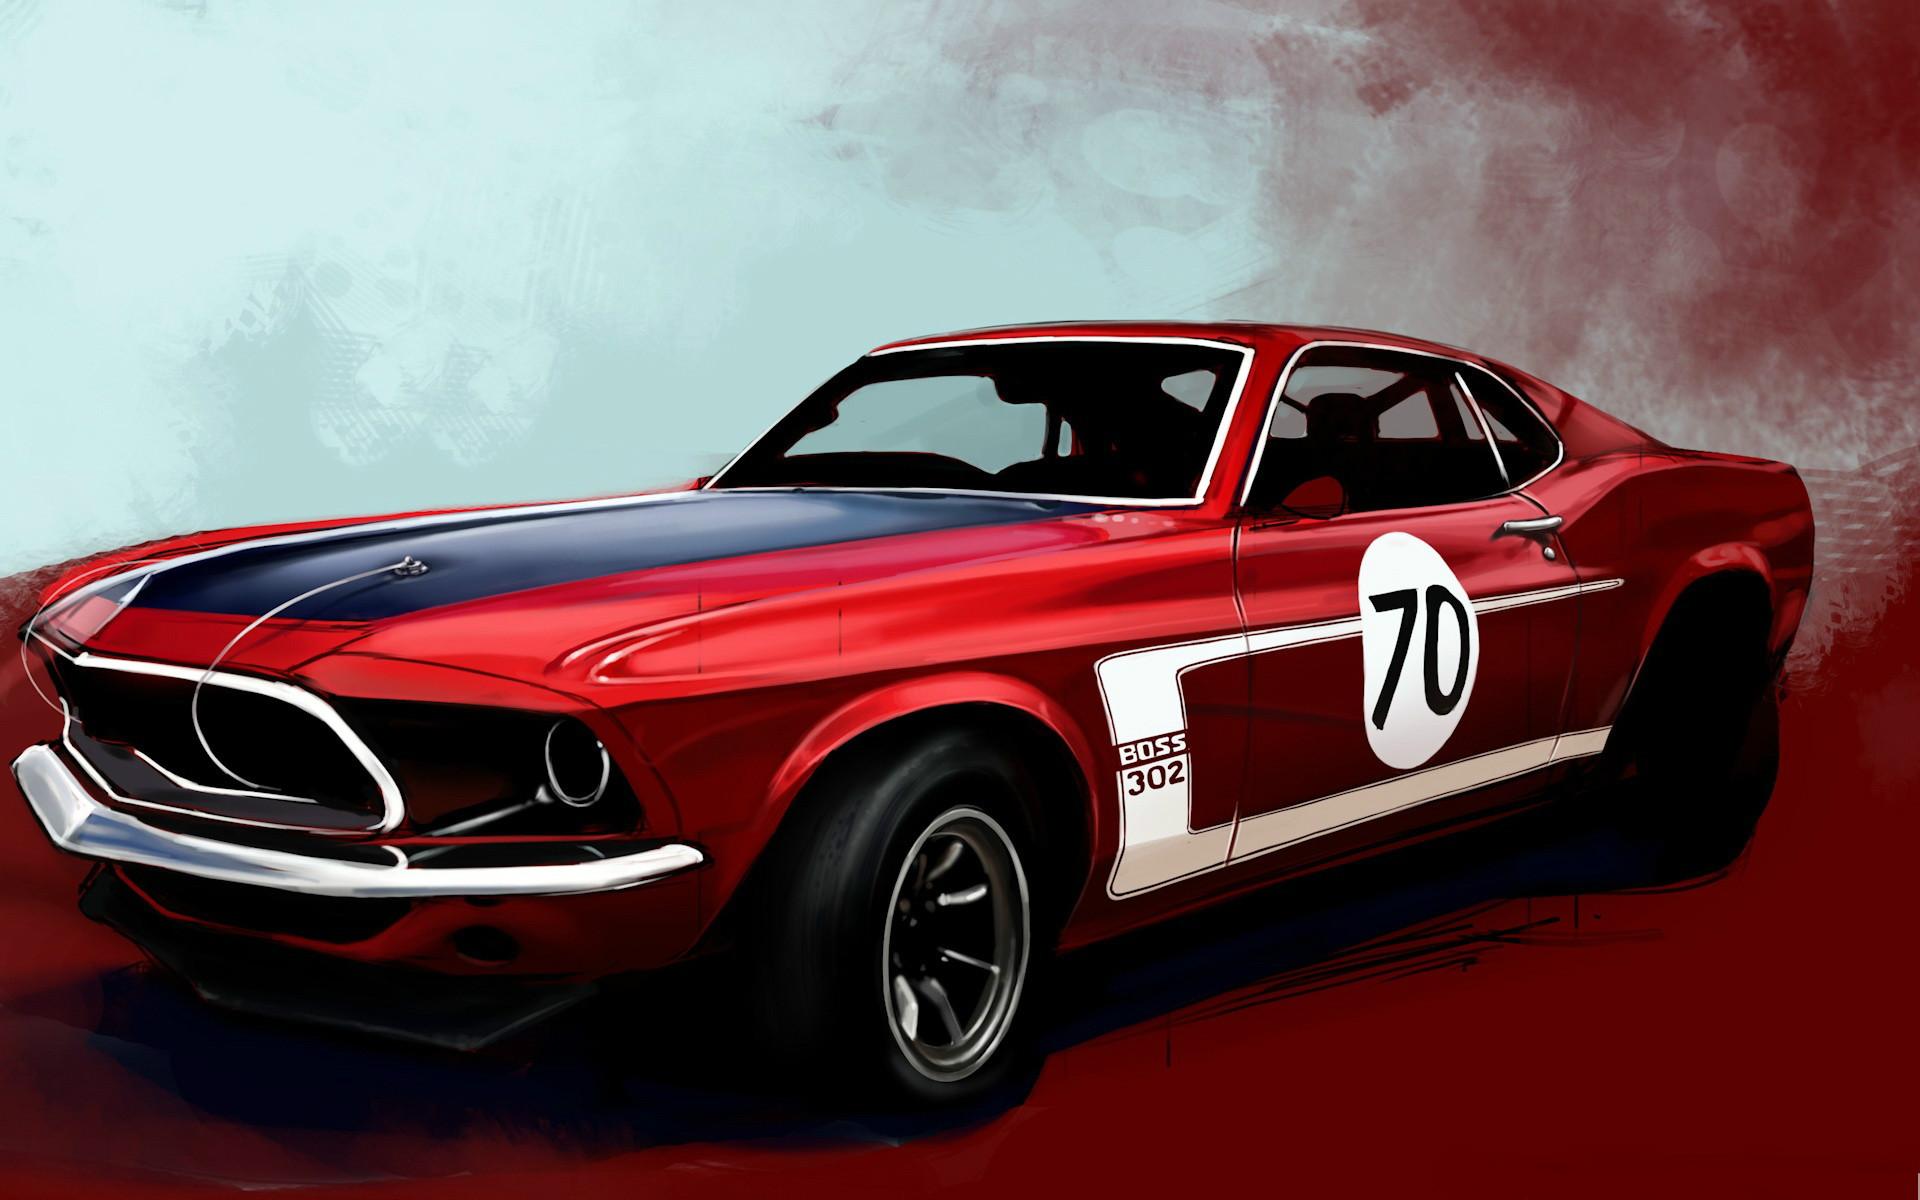 Ford Mustang Boss 302 Classic Muscle Car Wallpaper Hd & classic cars wallpaper. classic car wallpapersmuscle car ... markmcfarlin.com